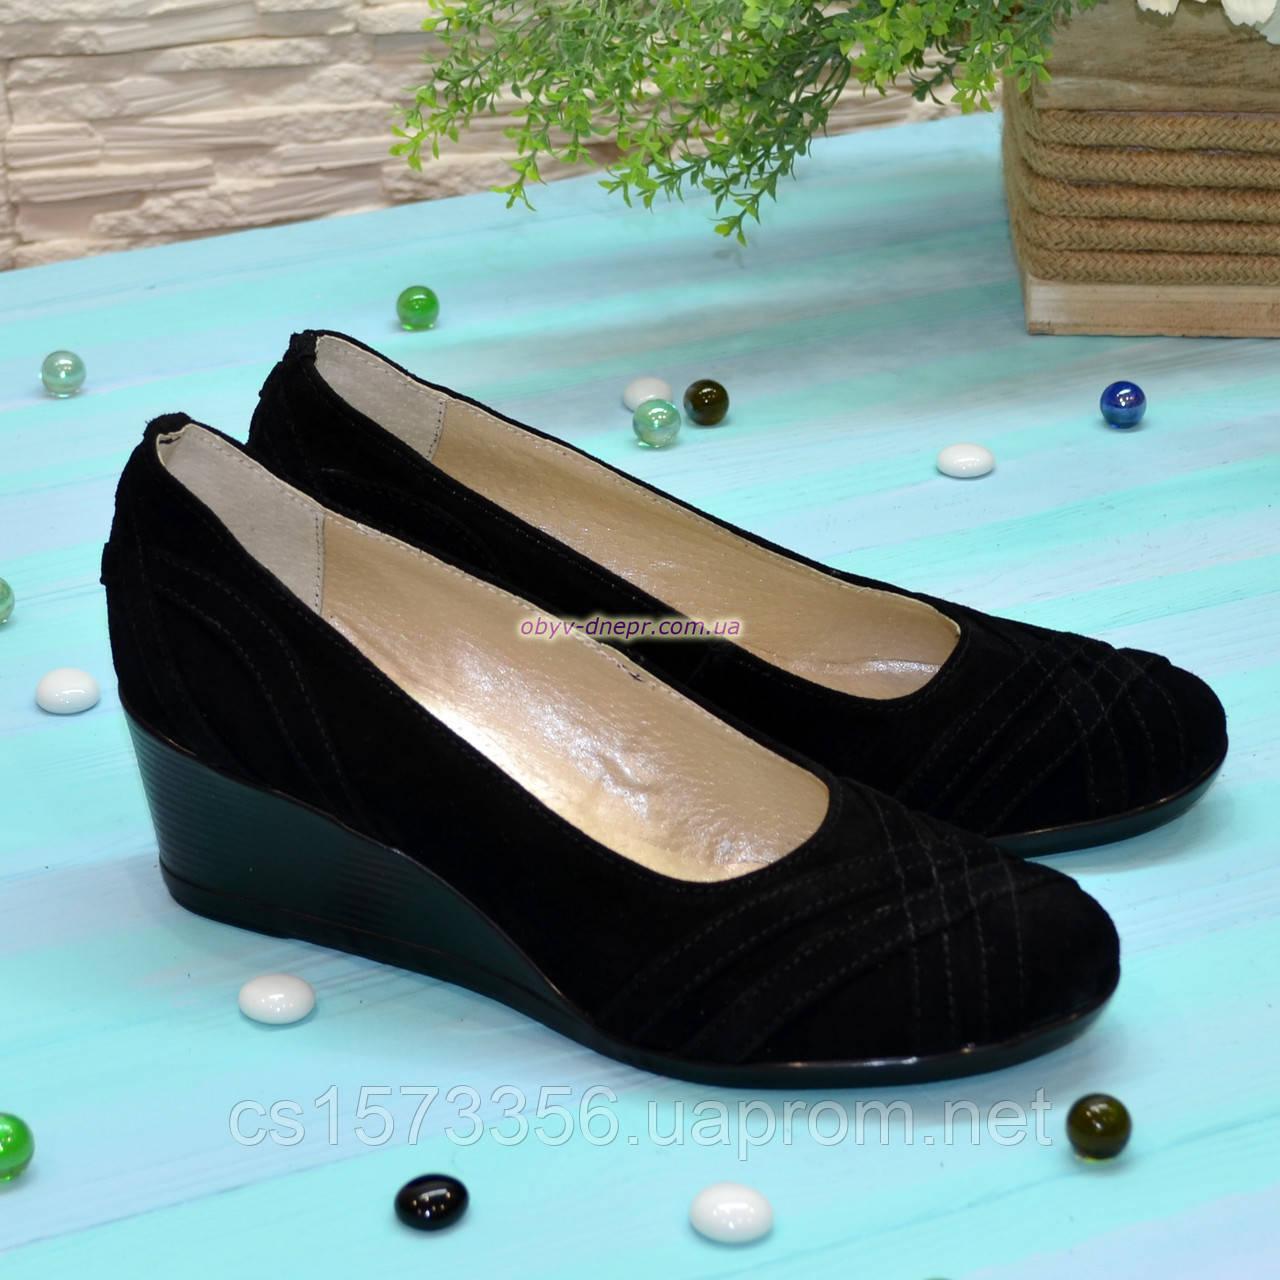 Туфли женские замшевые на танкетке, цвет черный